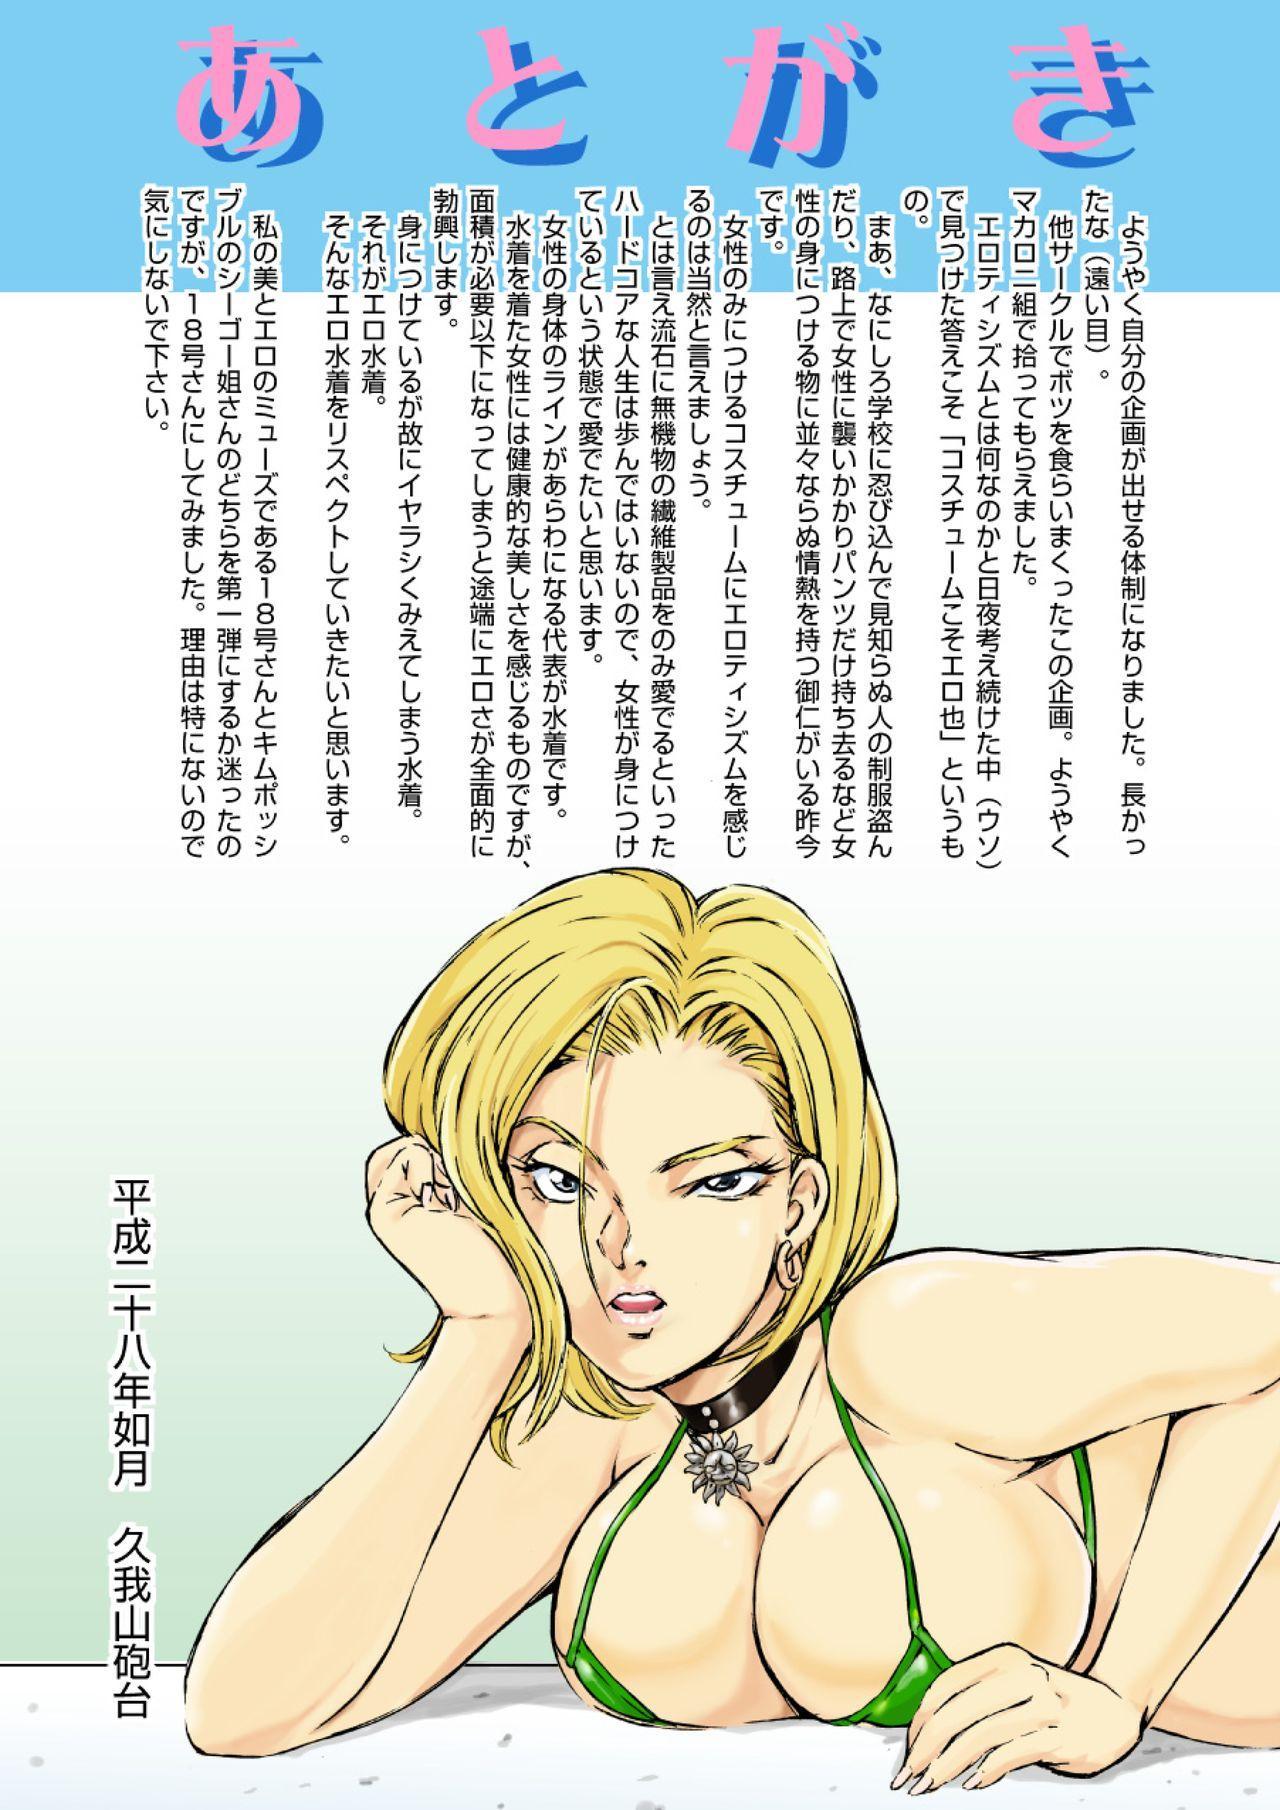 Eromizugi! Vol. 1 Hitozuma Ningen 18-gou 86